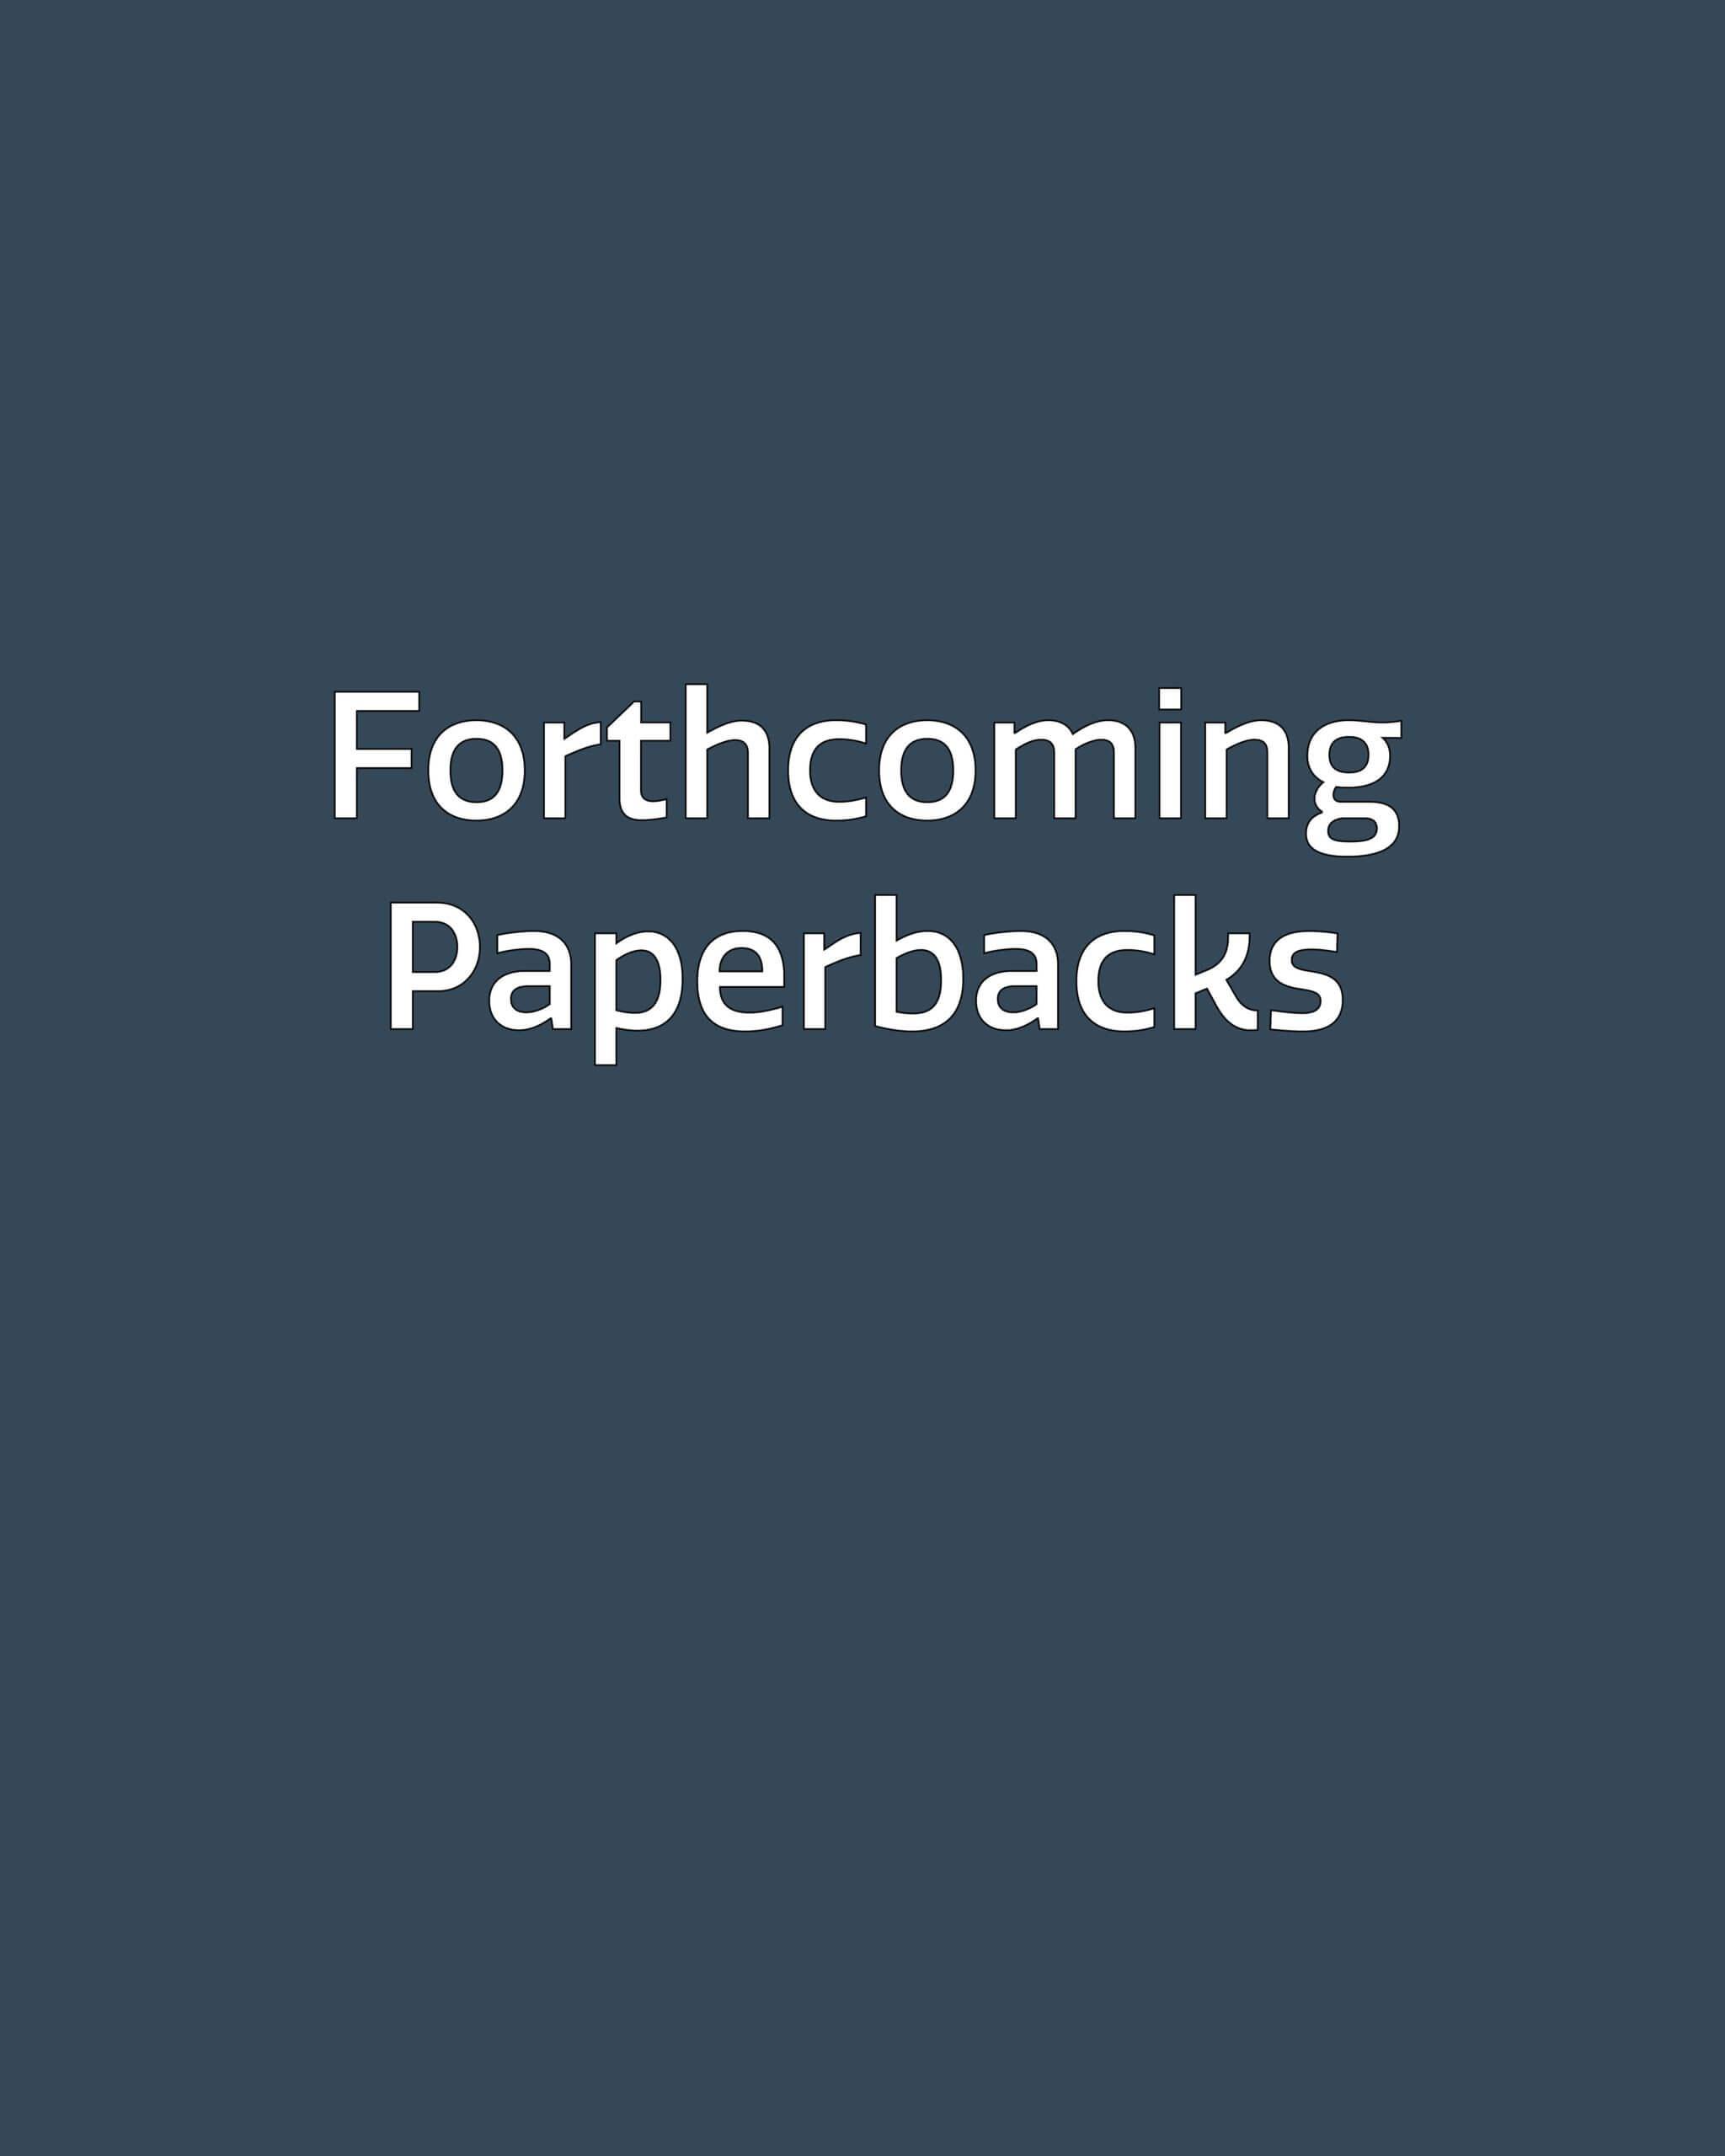 Forthcoming Paperbacks